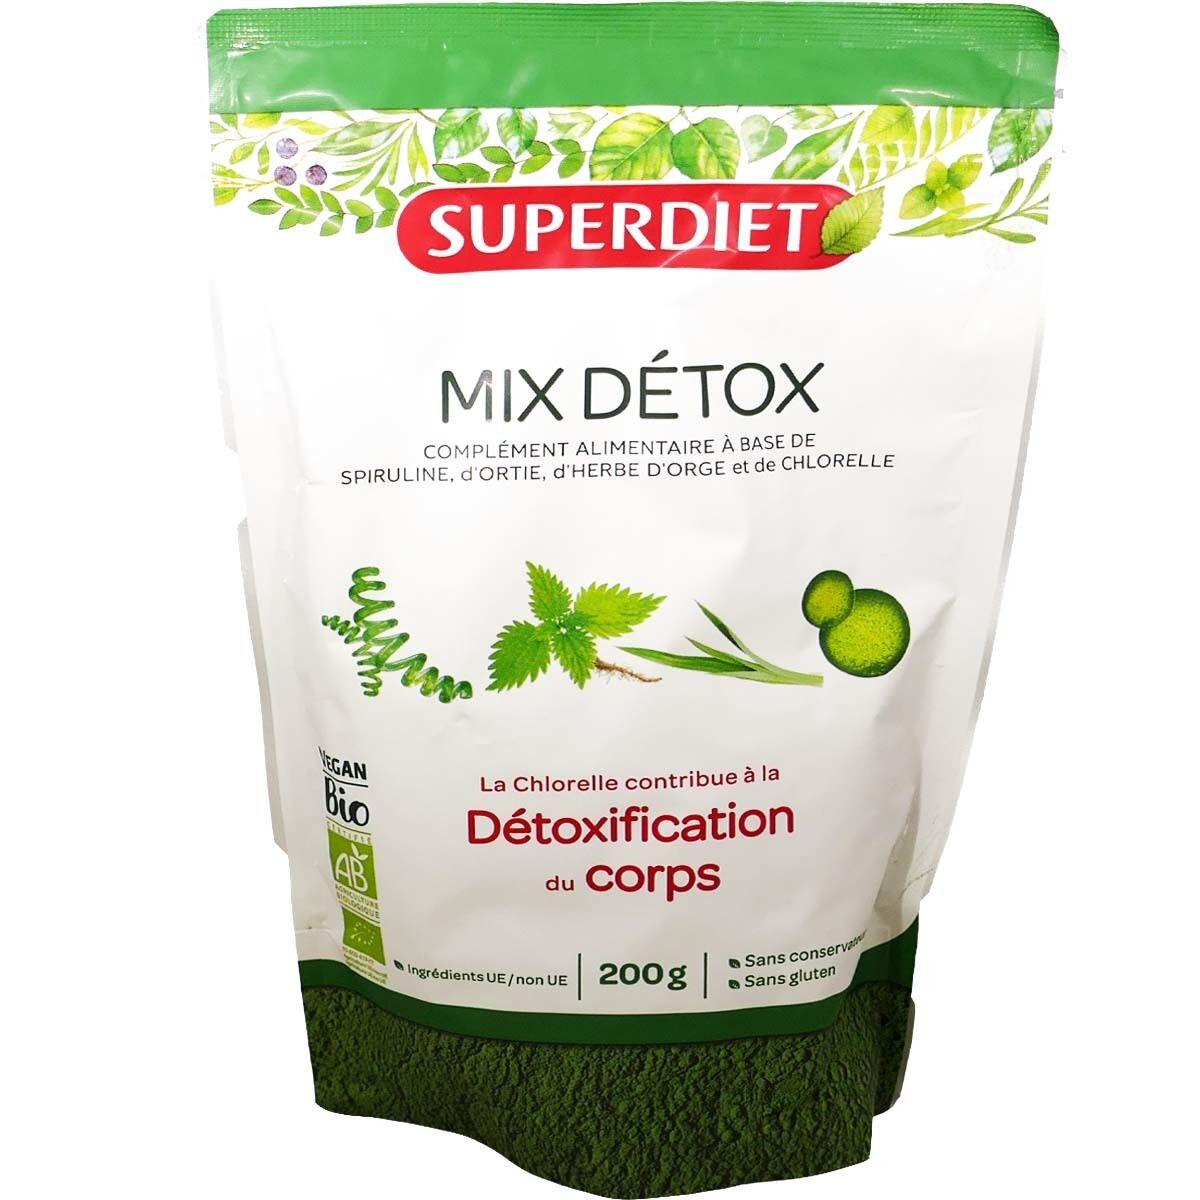 SUPER DIET Mix detox detoxification du corps 200 g bio